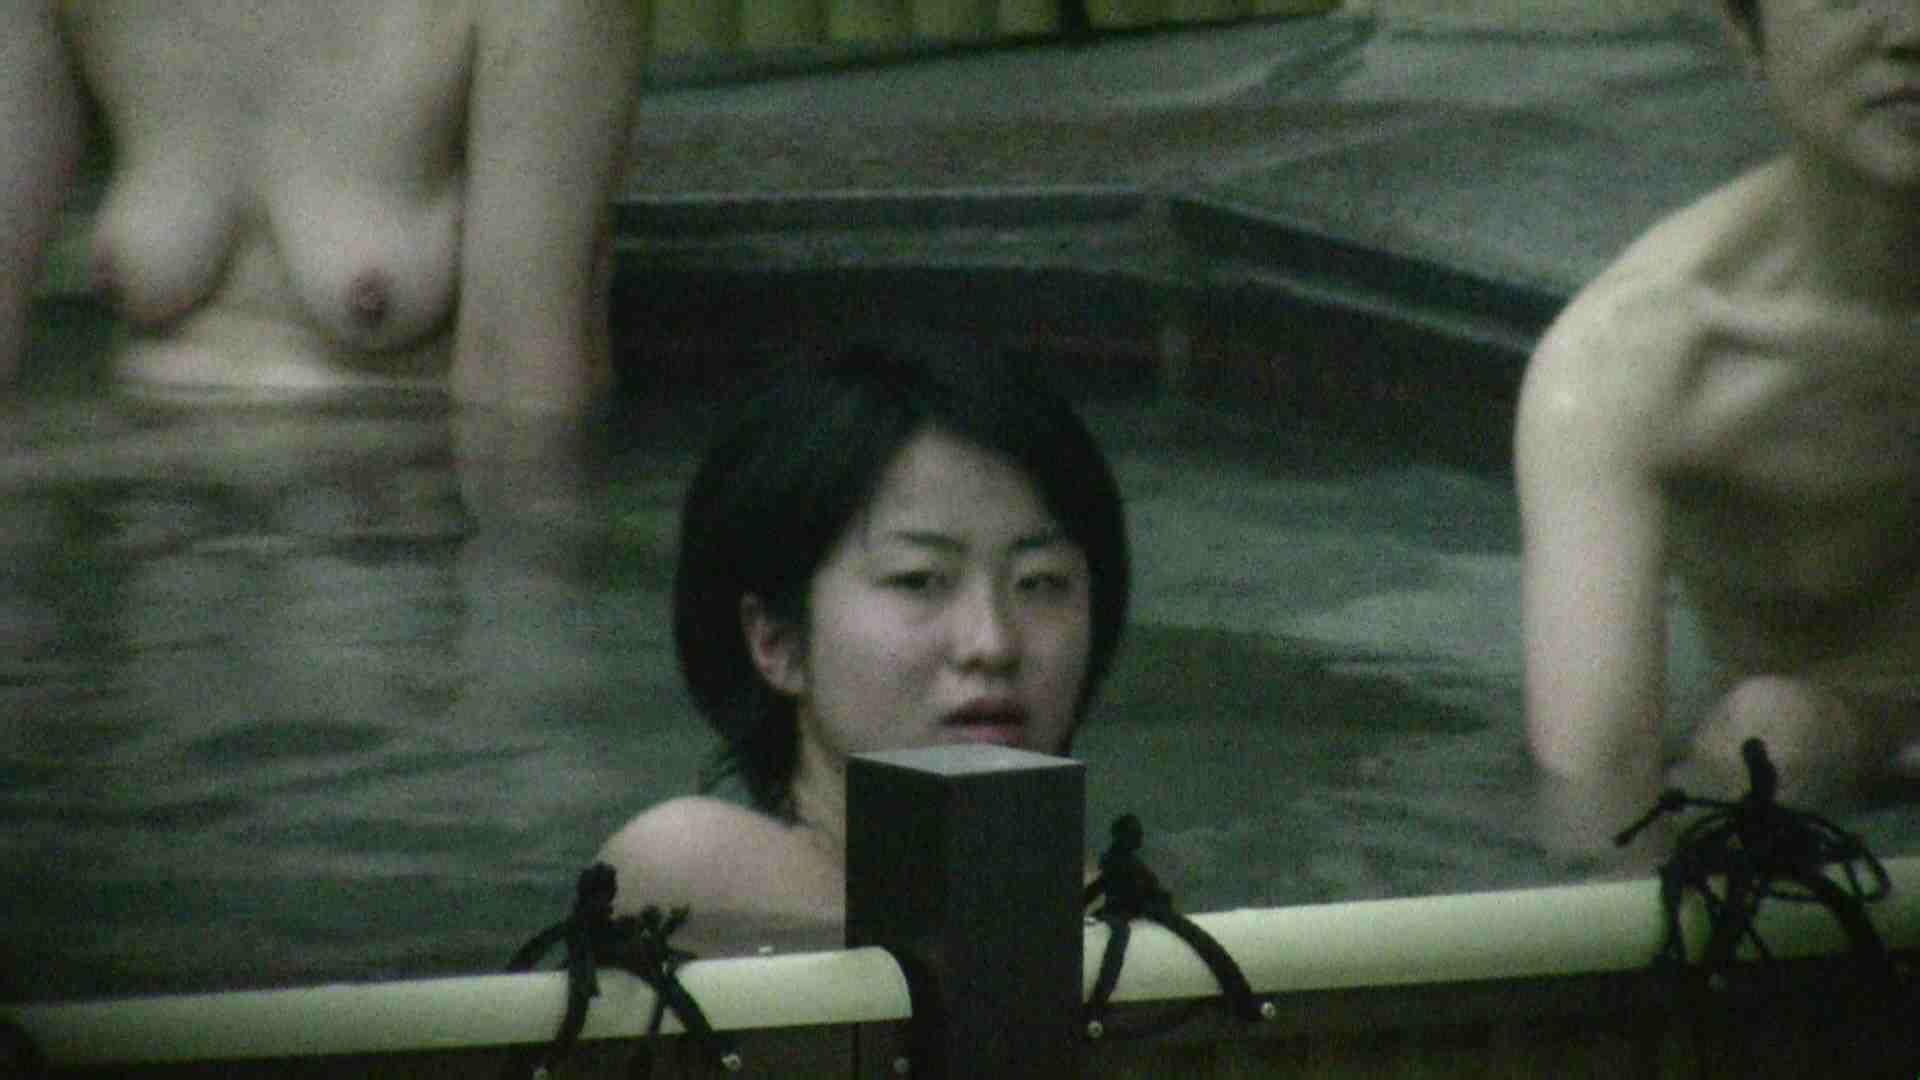 Aquaな露天風呂Vol.112 露天 | 綺麗なOLたち  73枚 70